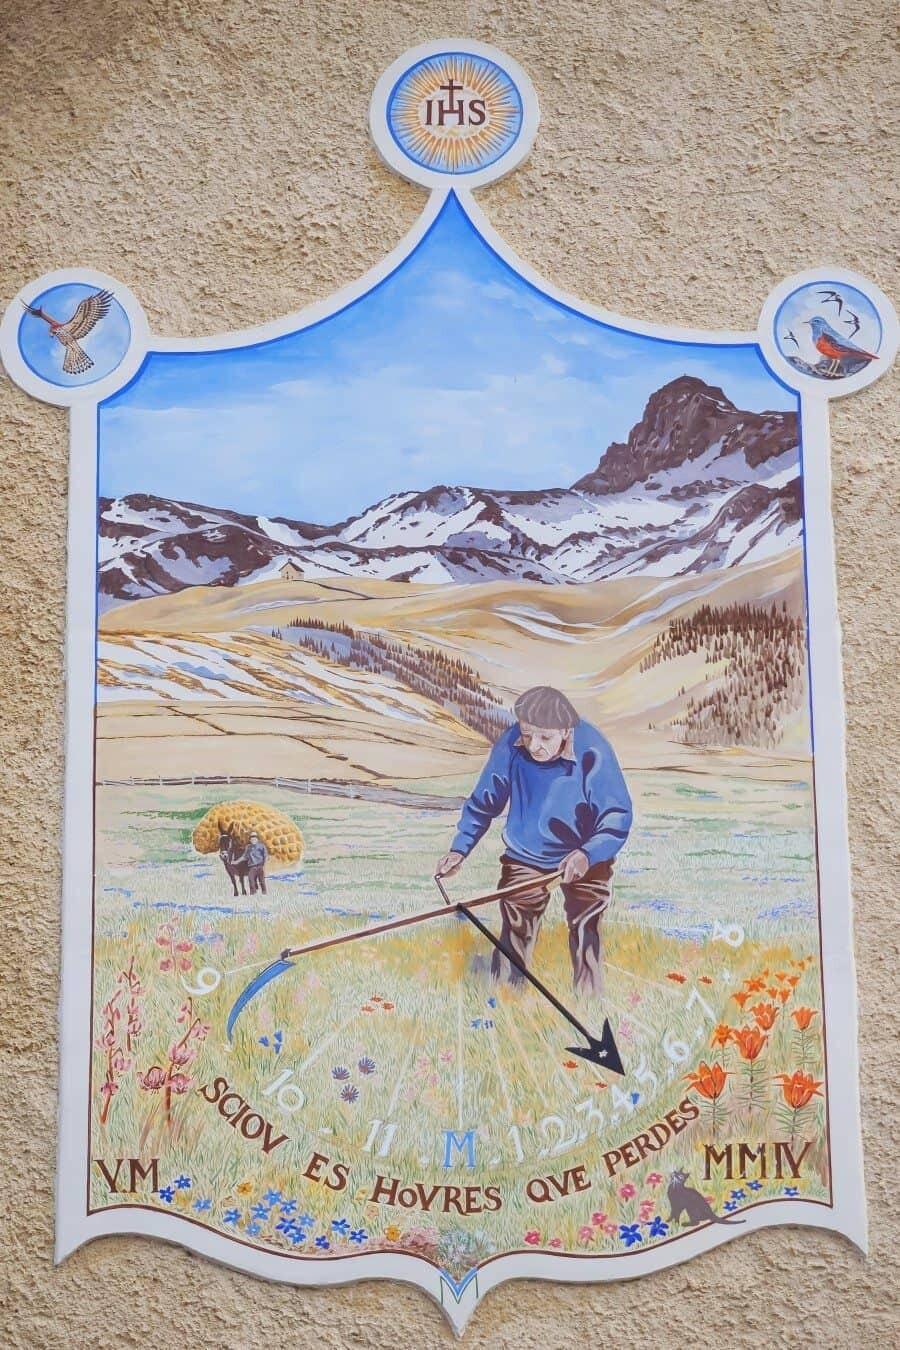 Queyras Saint-Veran and Lac Miroir Travel Guide for France